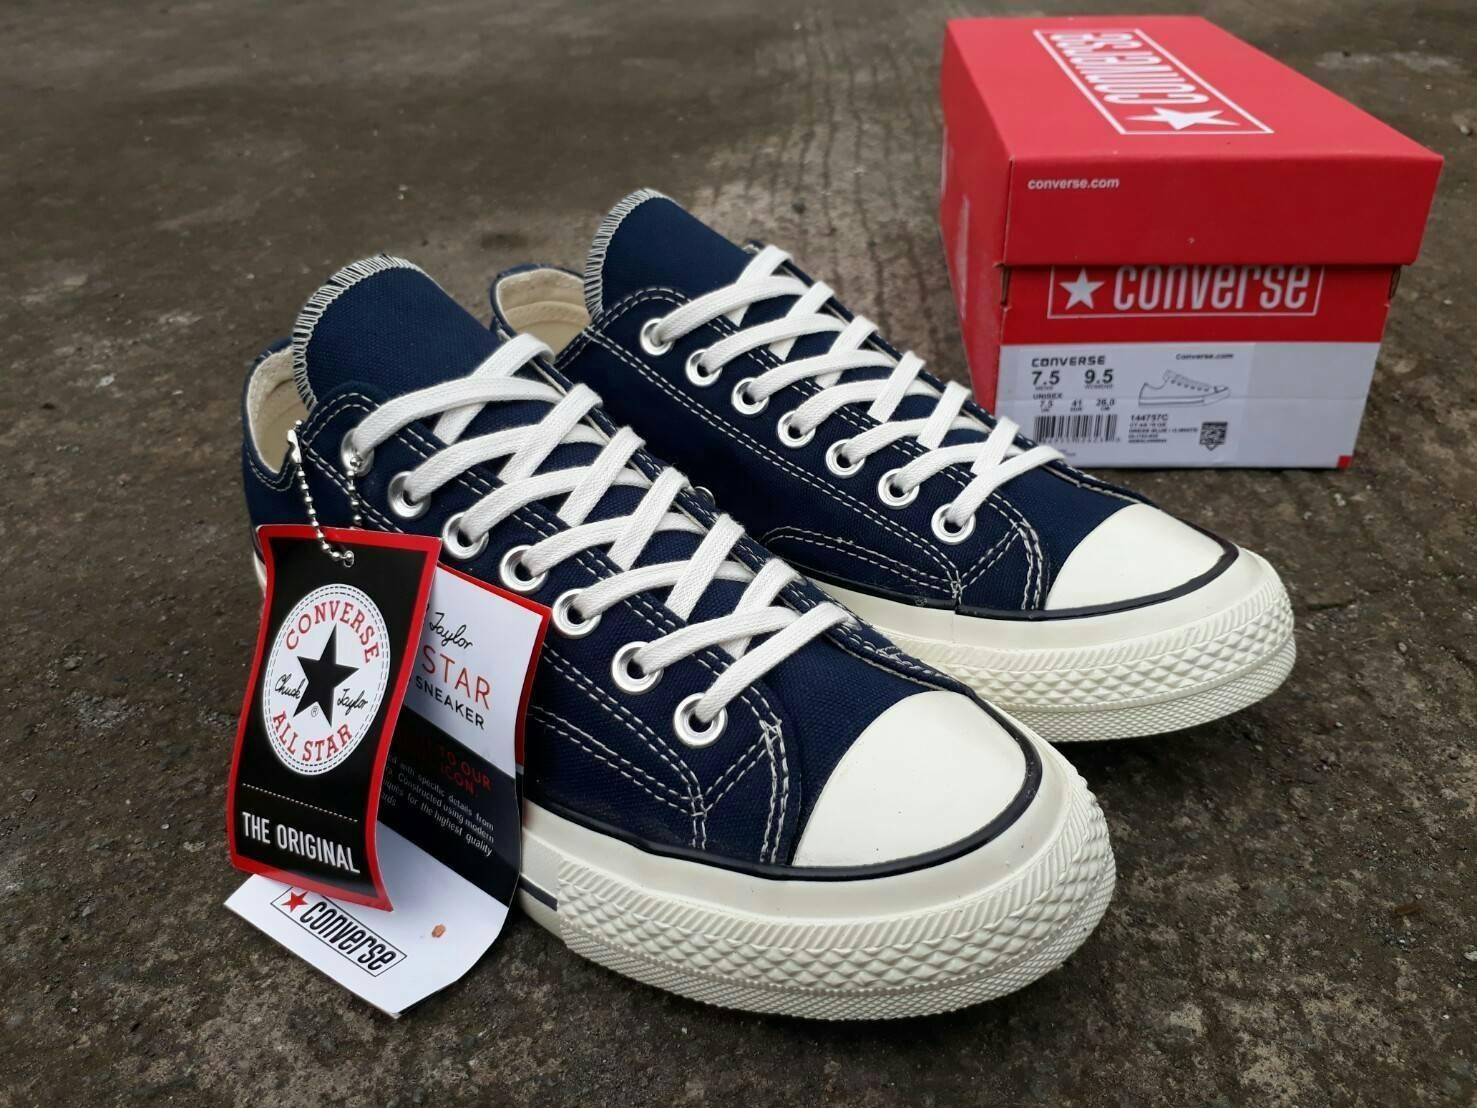 sepatu converse clasic low 70.S drees Blue premium BNIB made in china 1a5a81823a